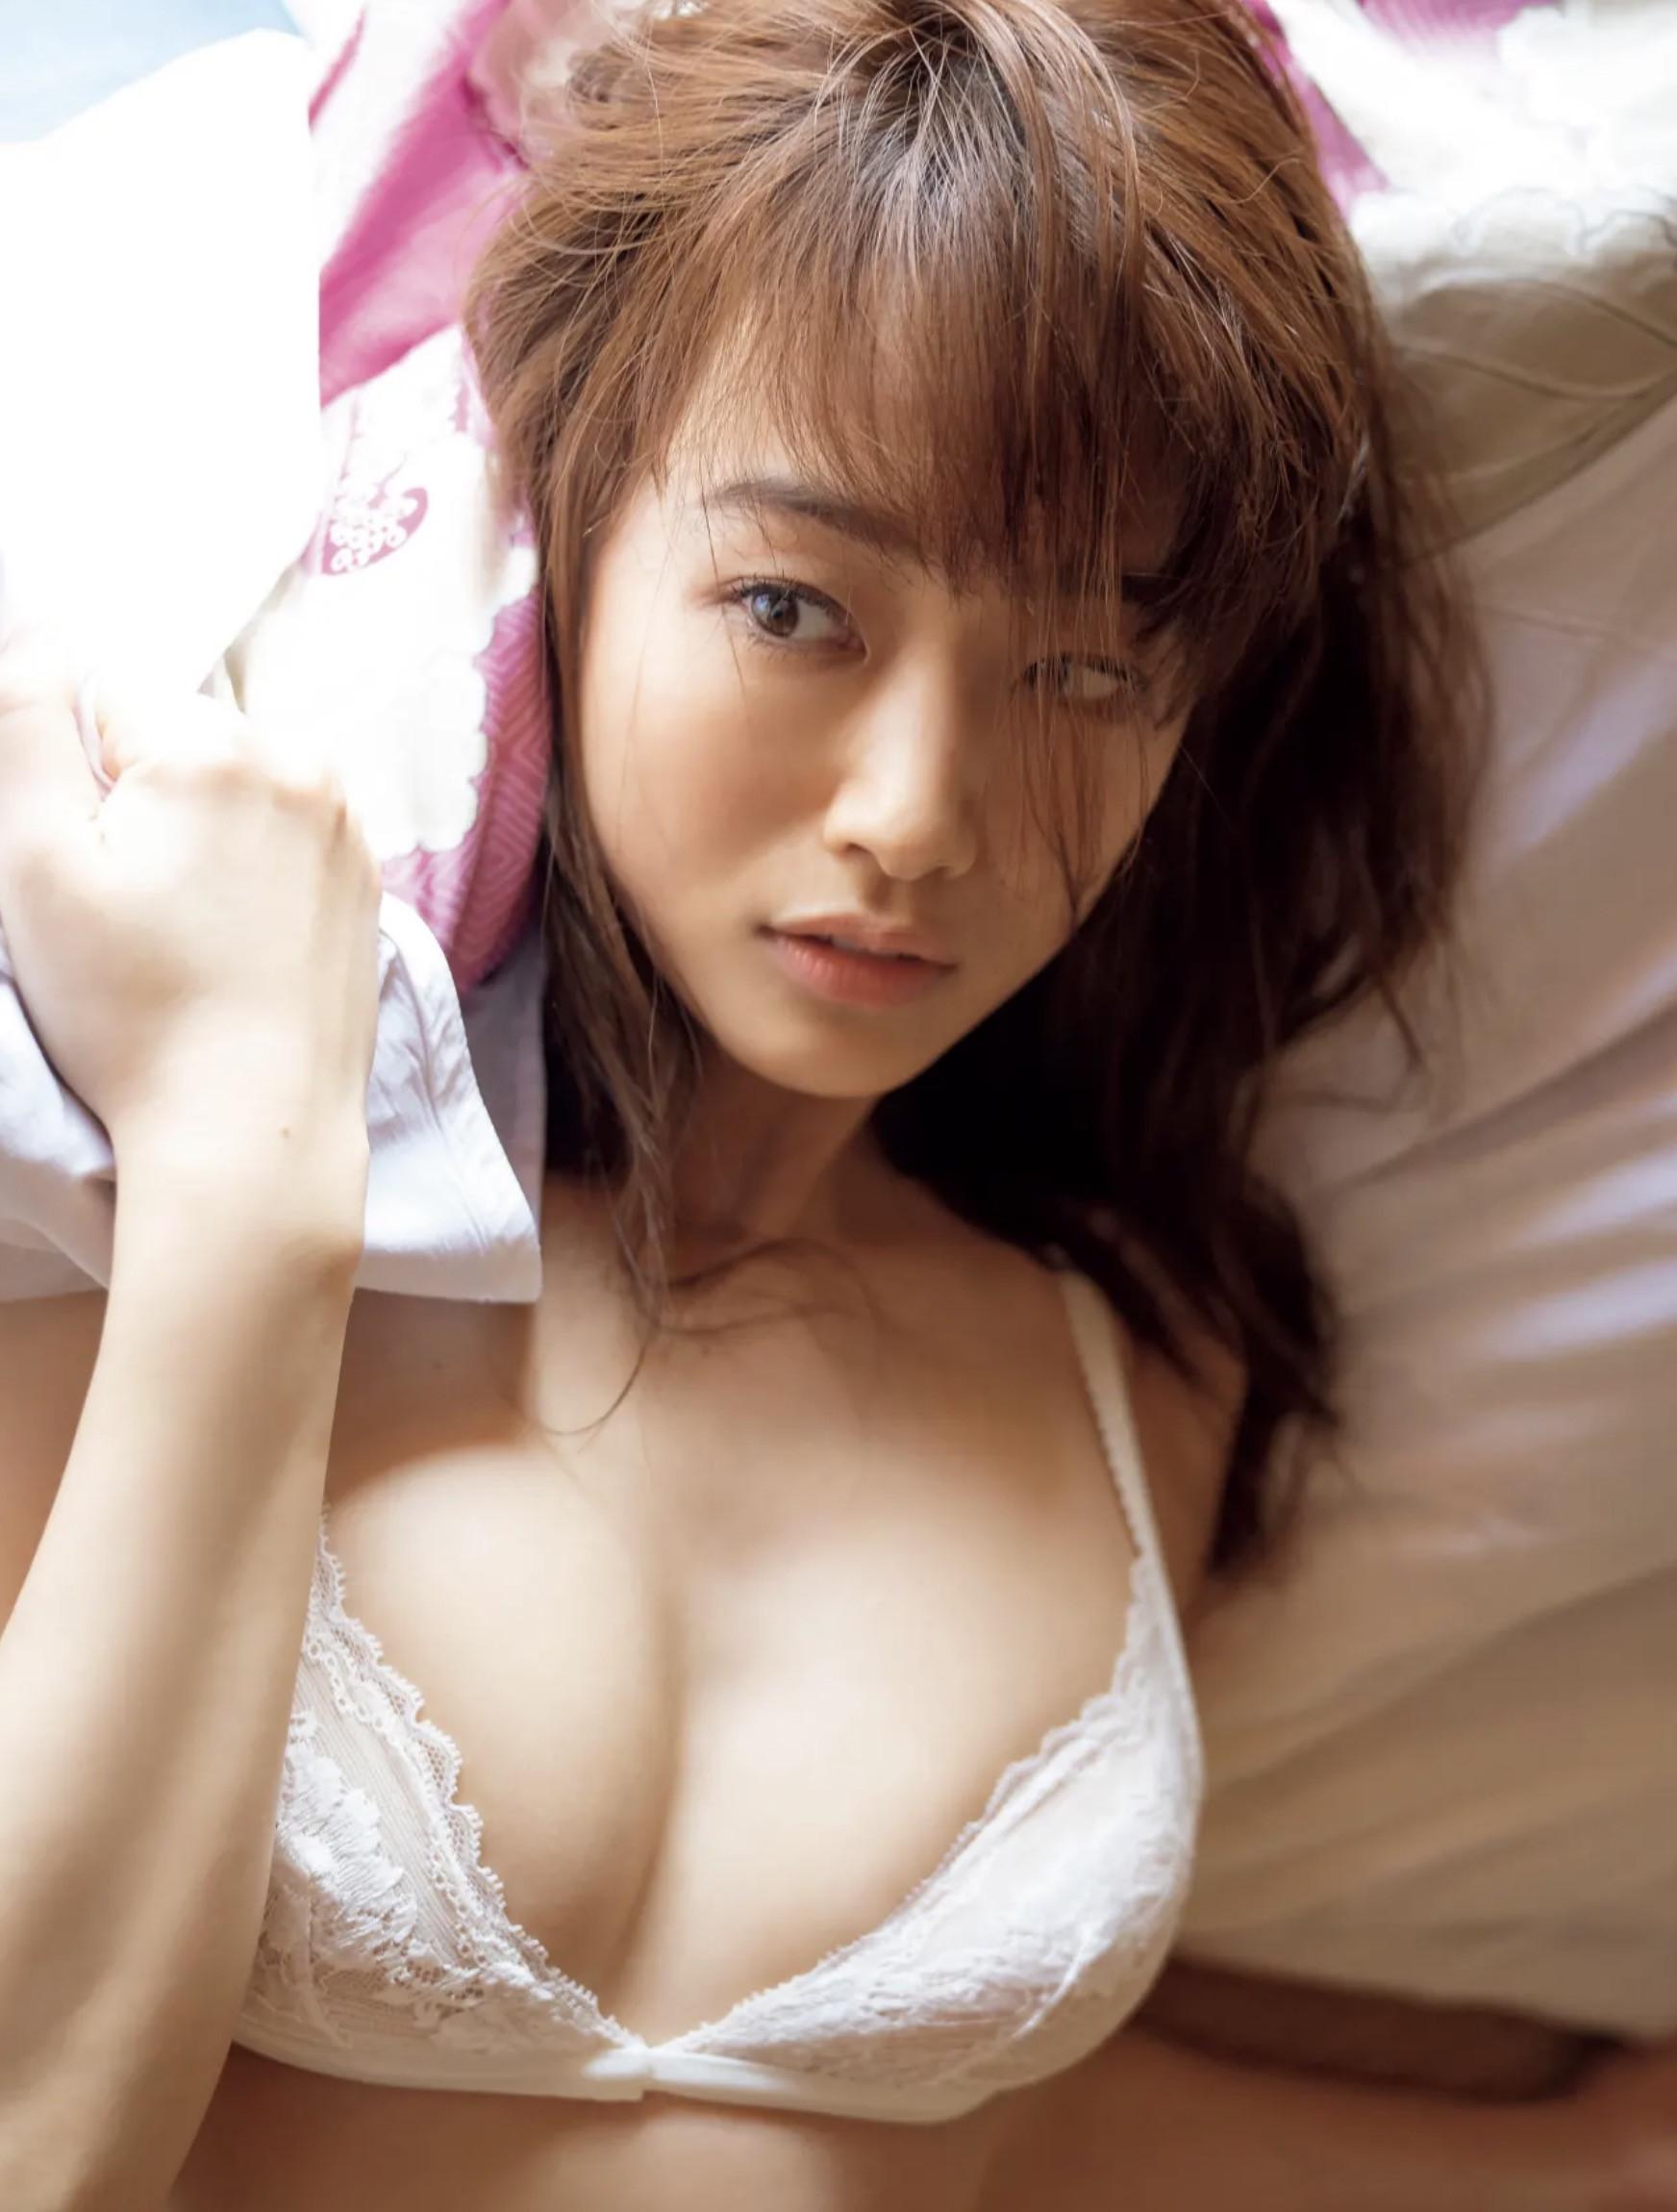 工藤里紗 伝説の女神降臨! photo 005